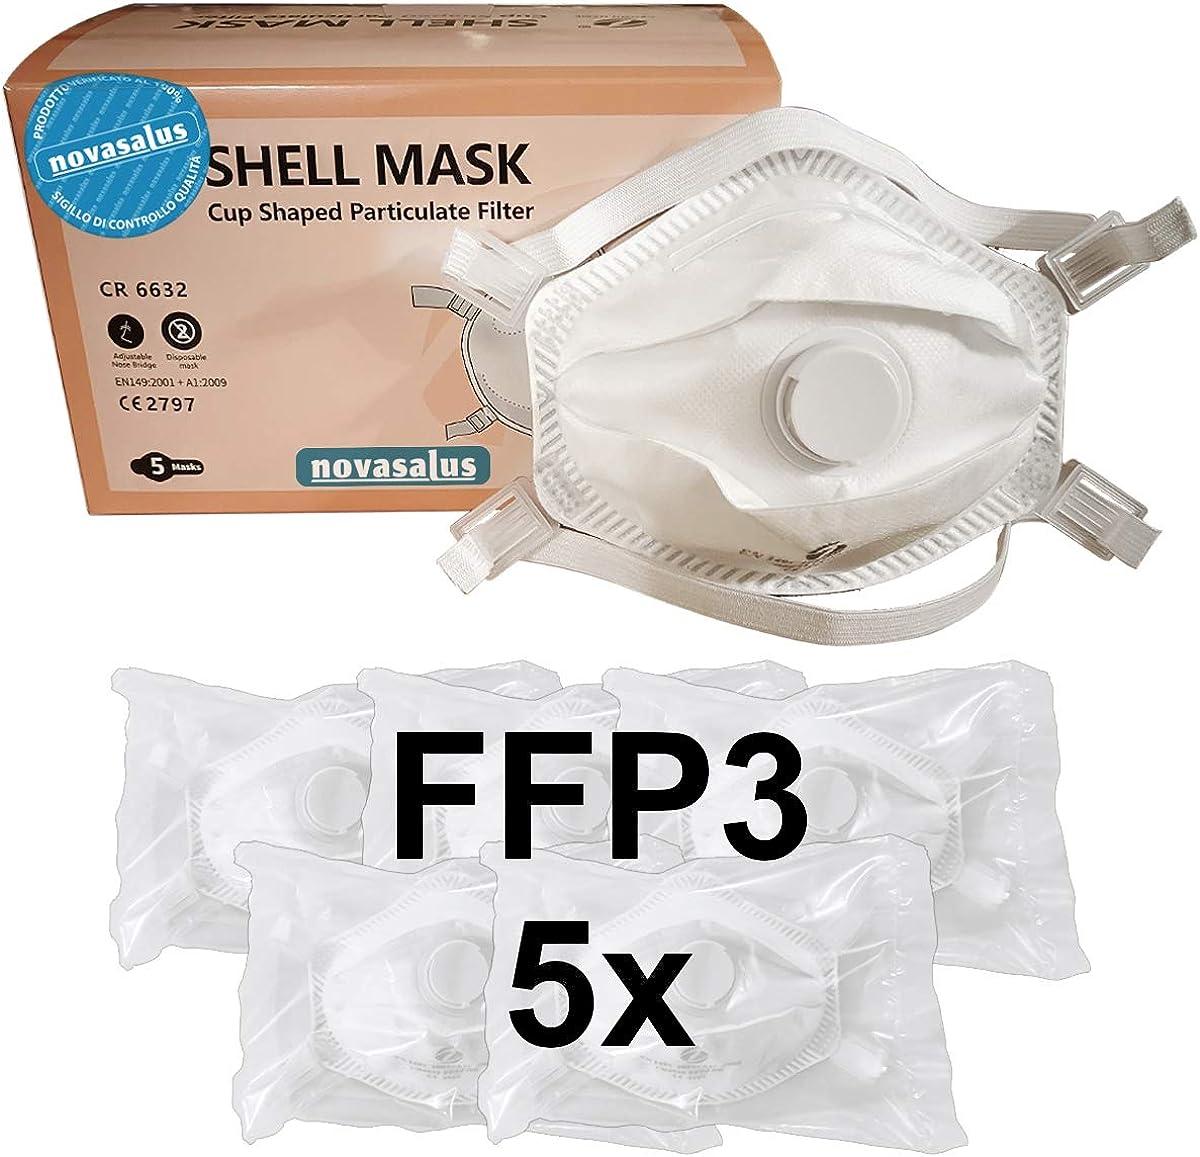 Novasalus mascarilla respirador FFP3 con Válvula, mascarillas protectoras en forma de copa, Certificado CE 2797 - Caja de 5 mascarillas FFP3 NR